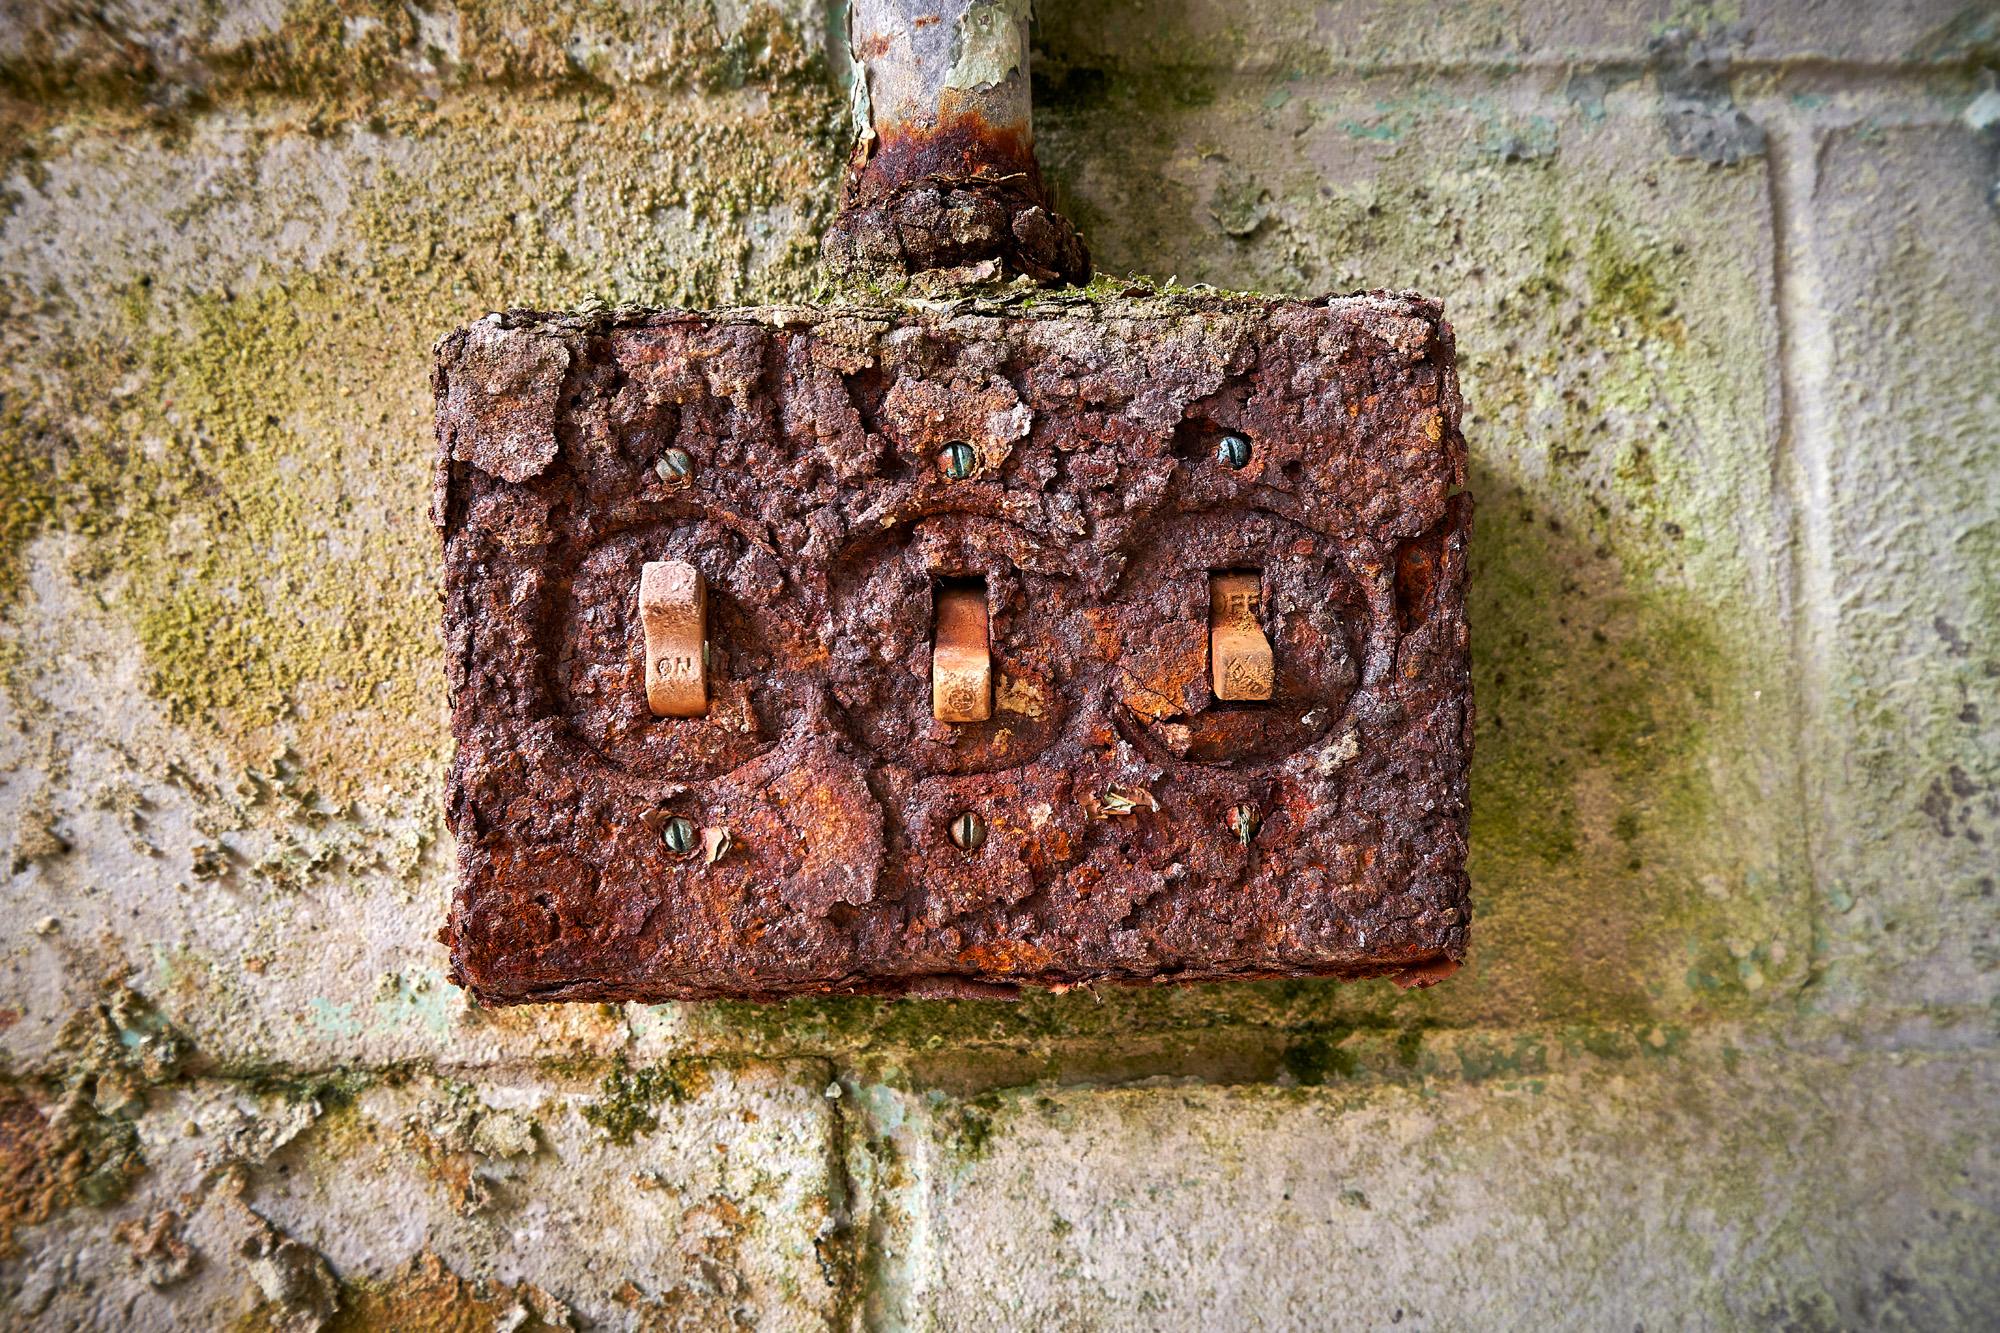 On - Off - rust